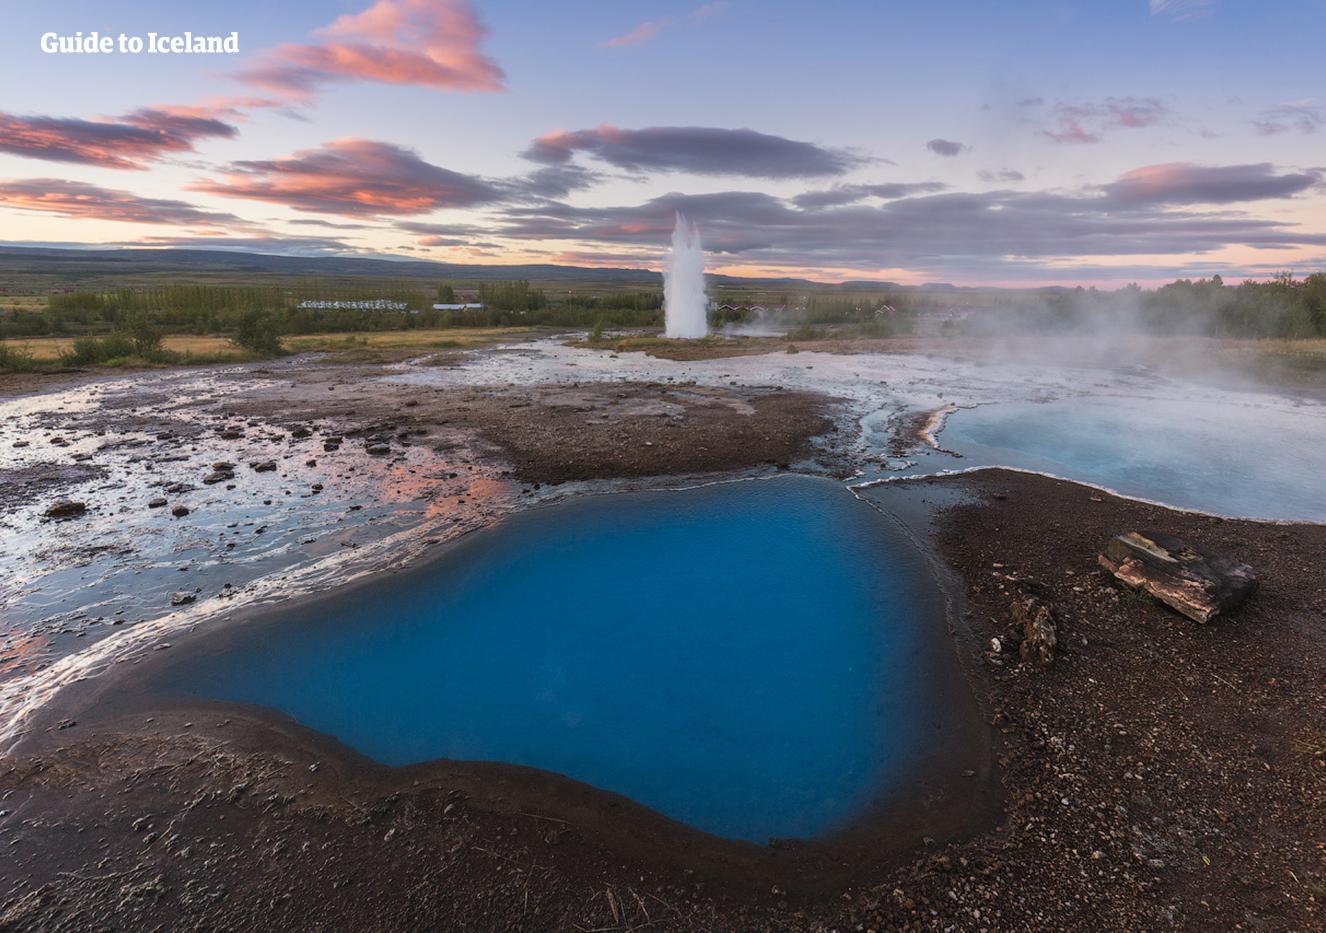 ストロックル間欠泉など多くの地熱活動の様子が見学できるゲイシールのエリアは、アイスランド観光には欠かせない